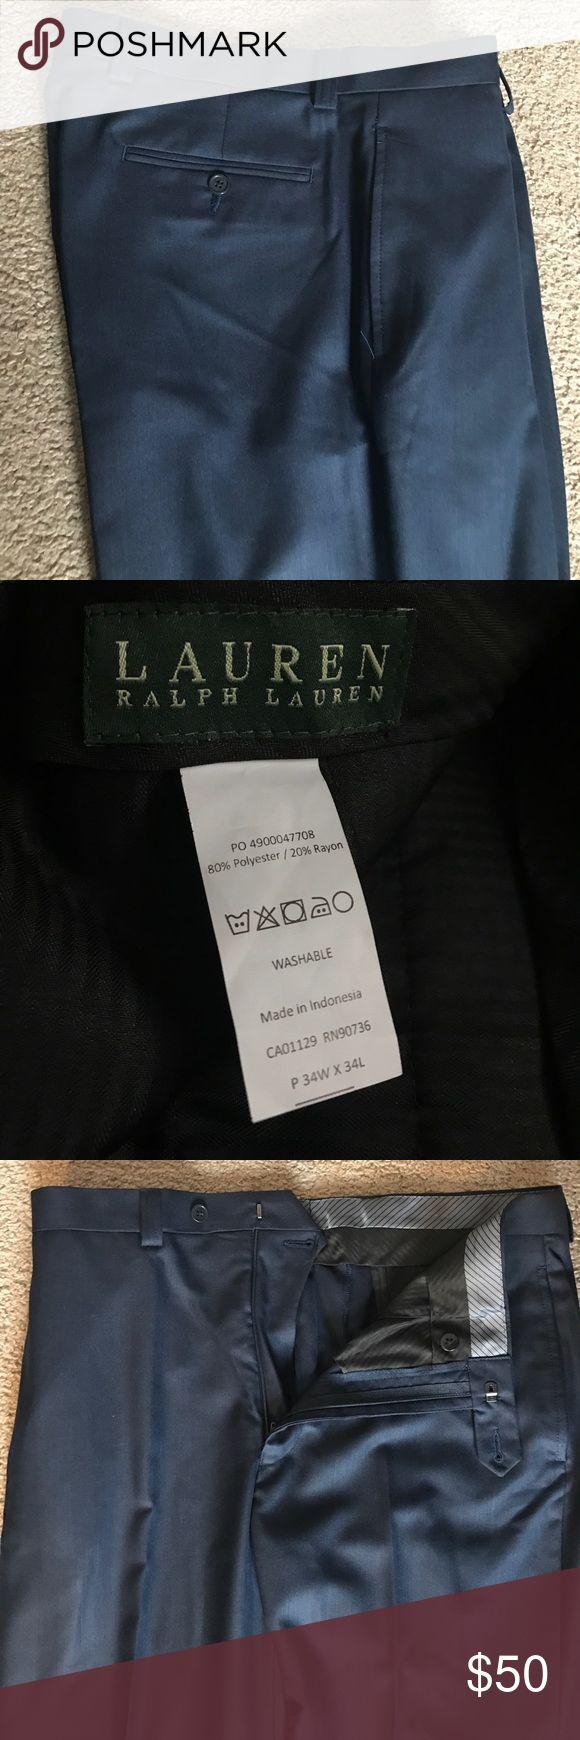 Lauren Ralph Lauren Dress Pants (Unworn) Brand new, unworn navy dress pants by Lauren Ralph Lauren. Mistakenly removed tags and was unable to return them. Lauren Ralph Lauren Pants Dress